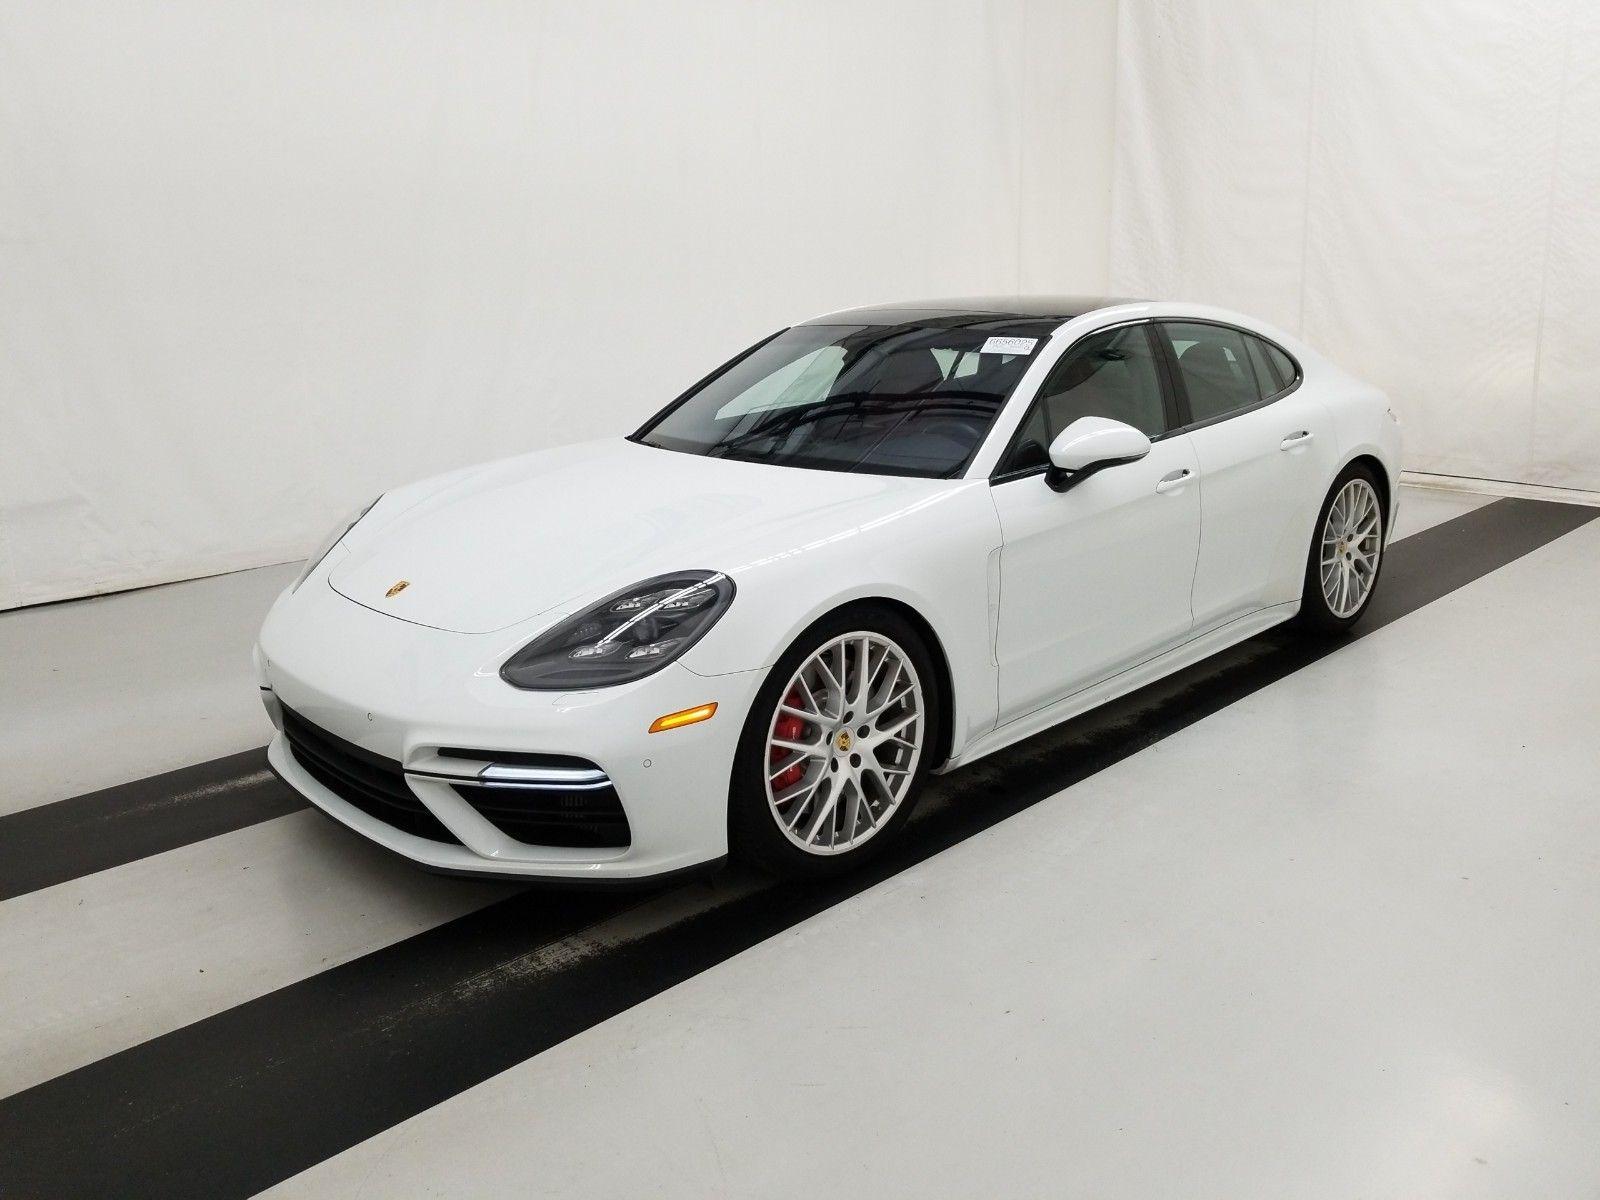 2017 Porsche Panamera 4.0. Lot 99921353871 Vin WP0AF2A71HL151840